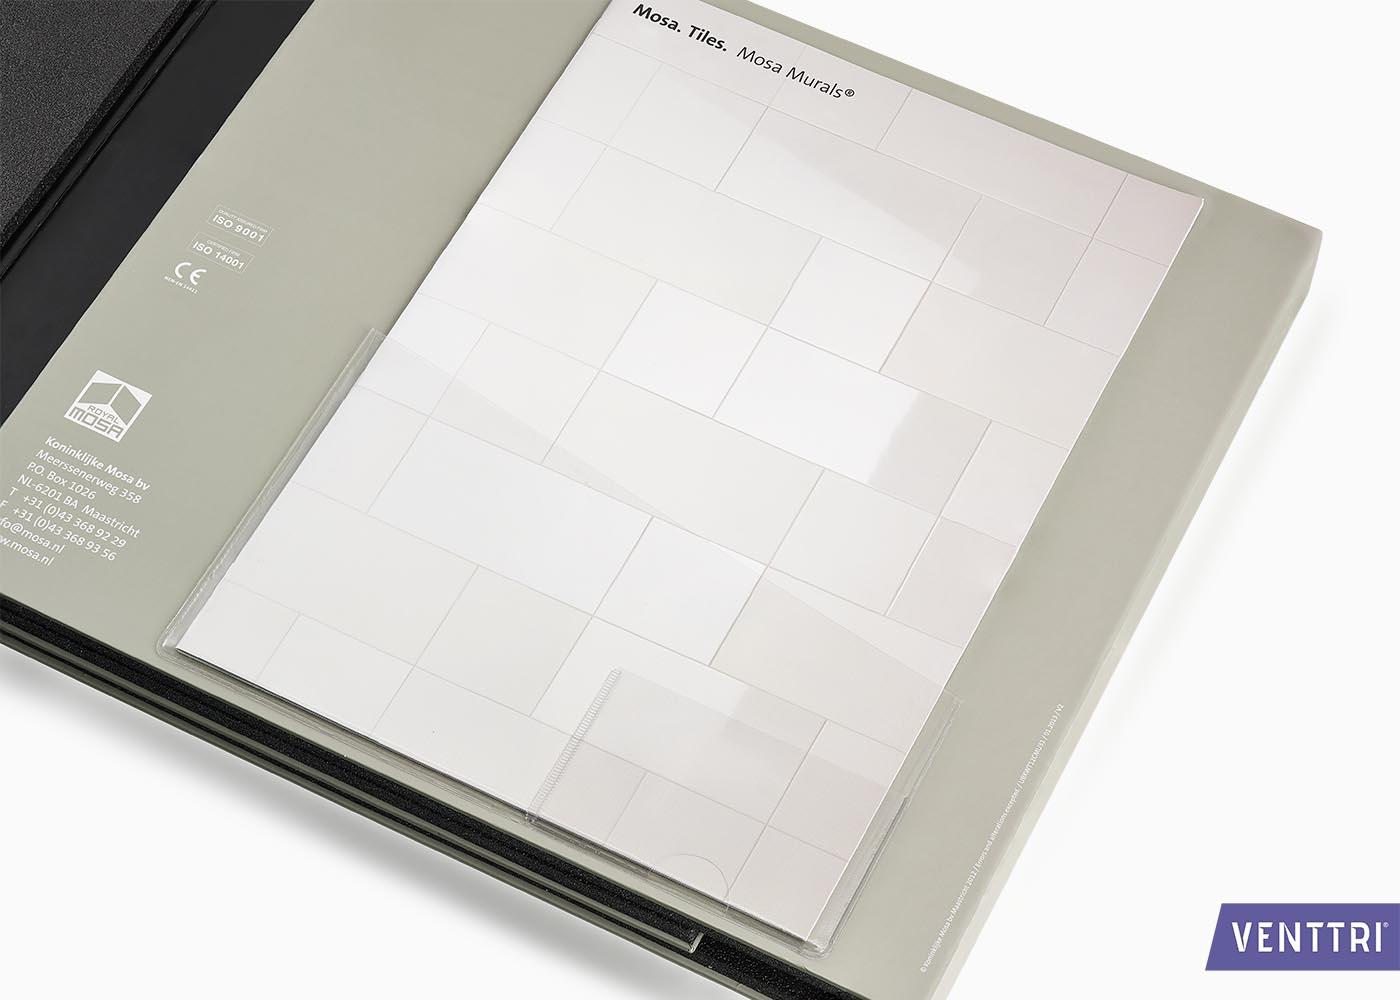 Foedraal stalenmap boek 5